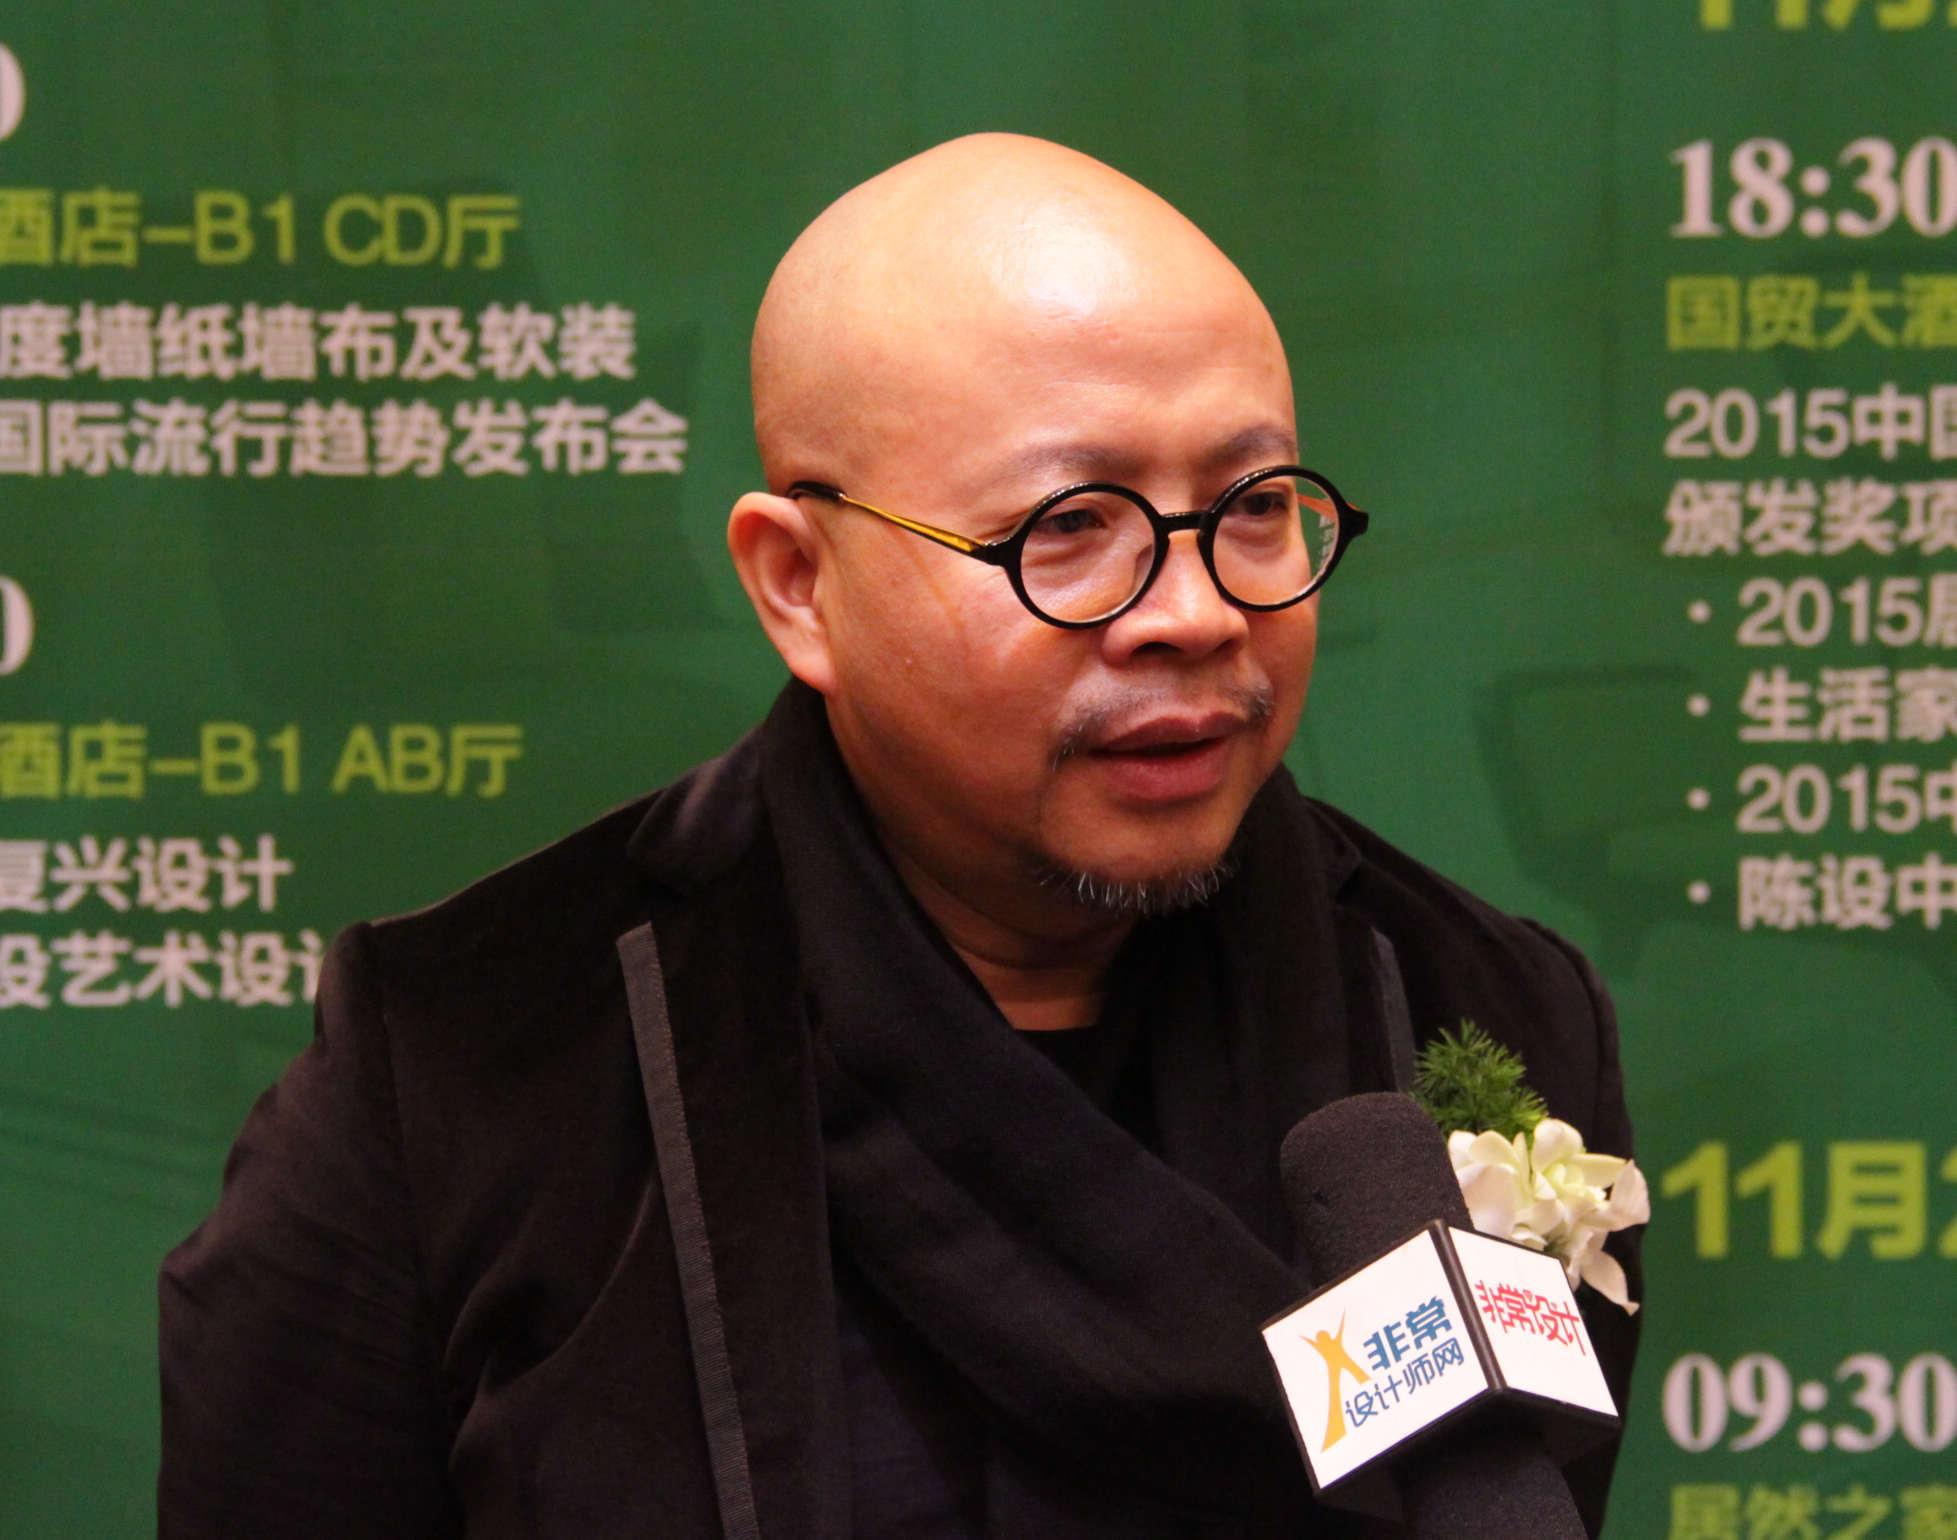 杨邦胜:共聚设计力量,为设计未来添砖加瓦